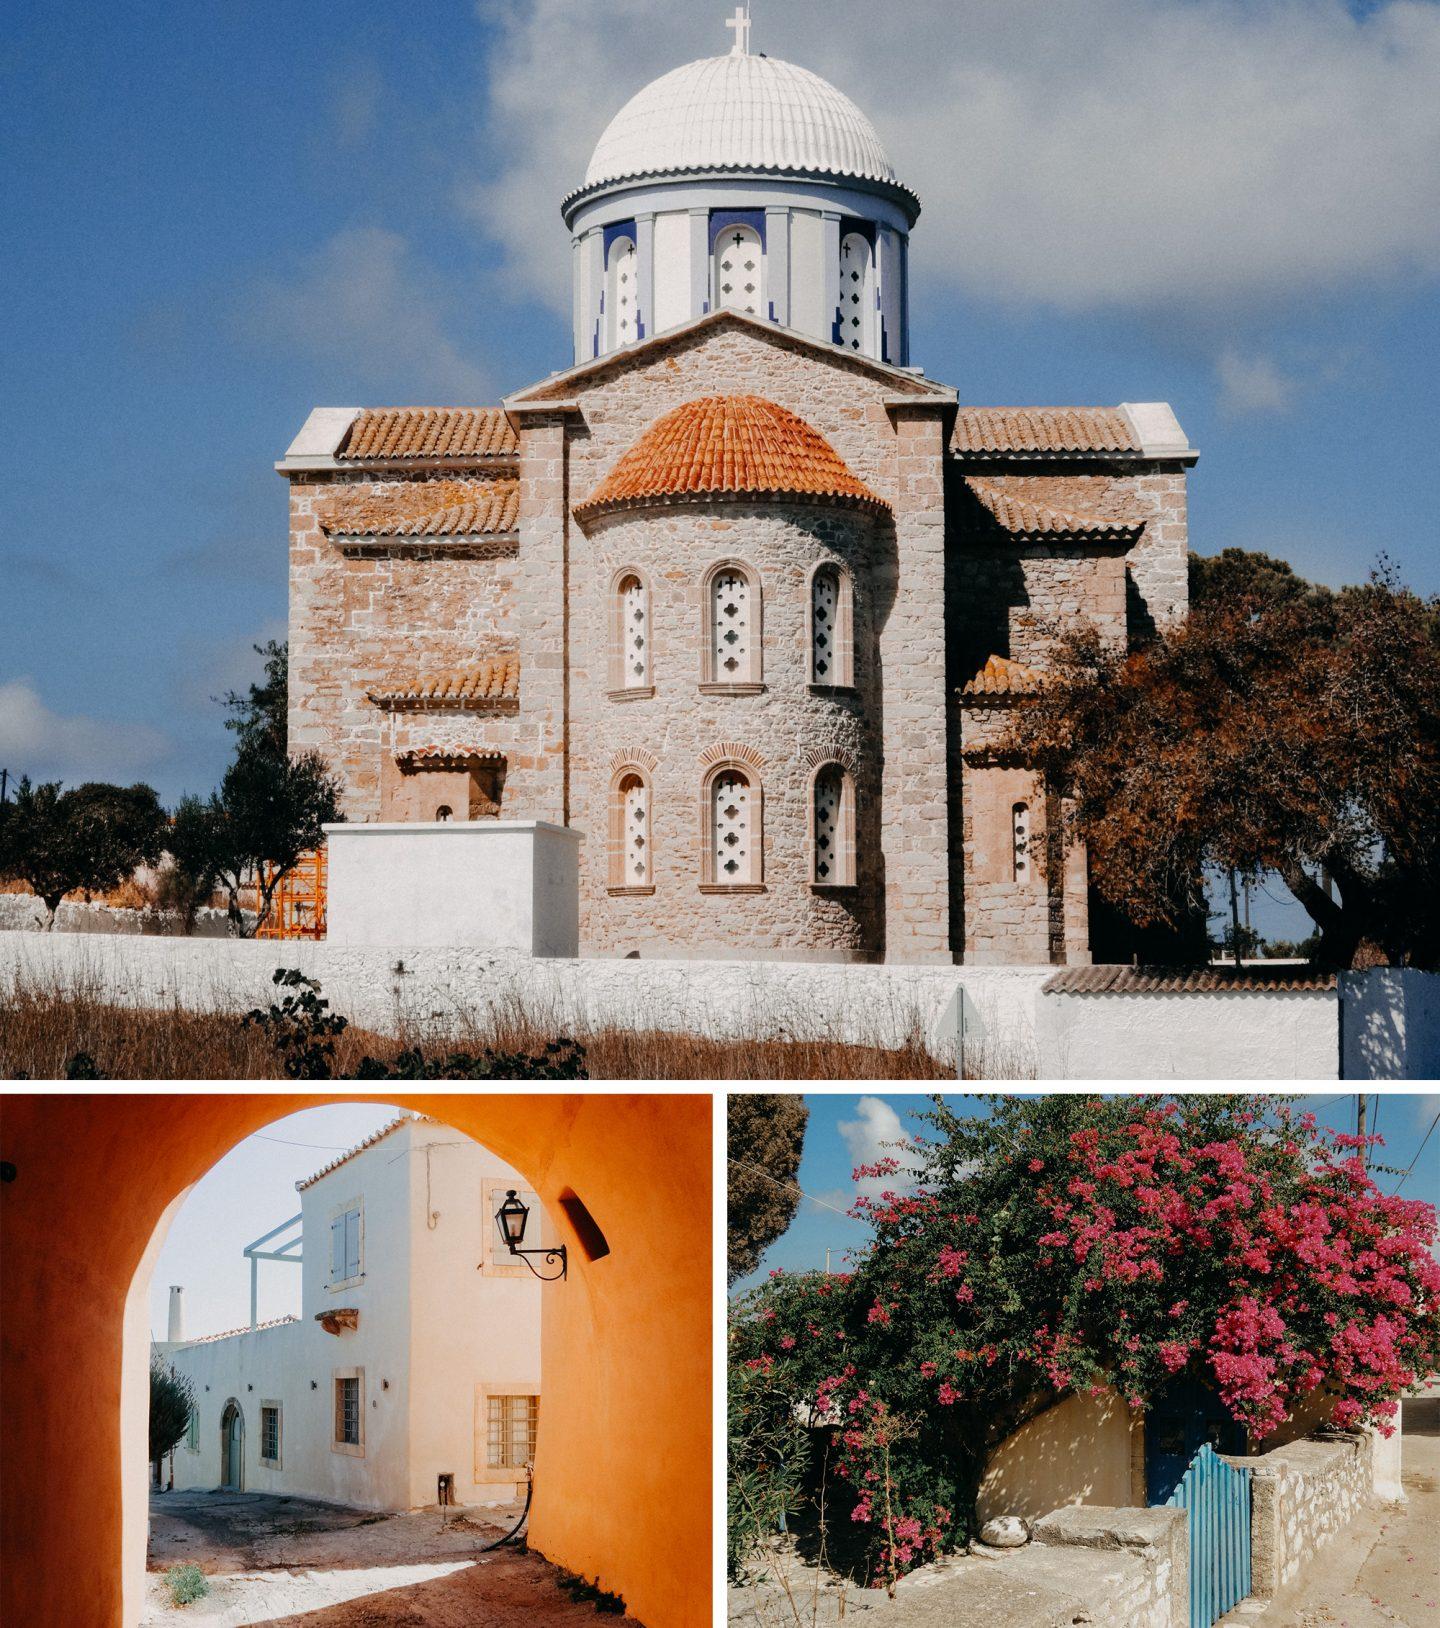 Aroniadika - liebliches Dorf im Inselinneren mit einigen im mediteranen Stil renovierten alten Hausern.